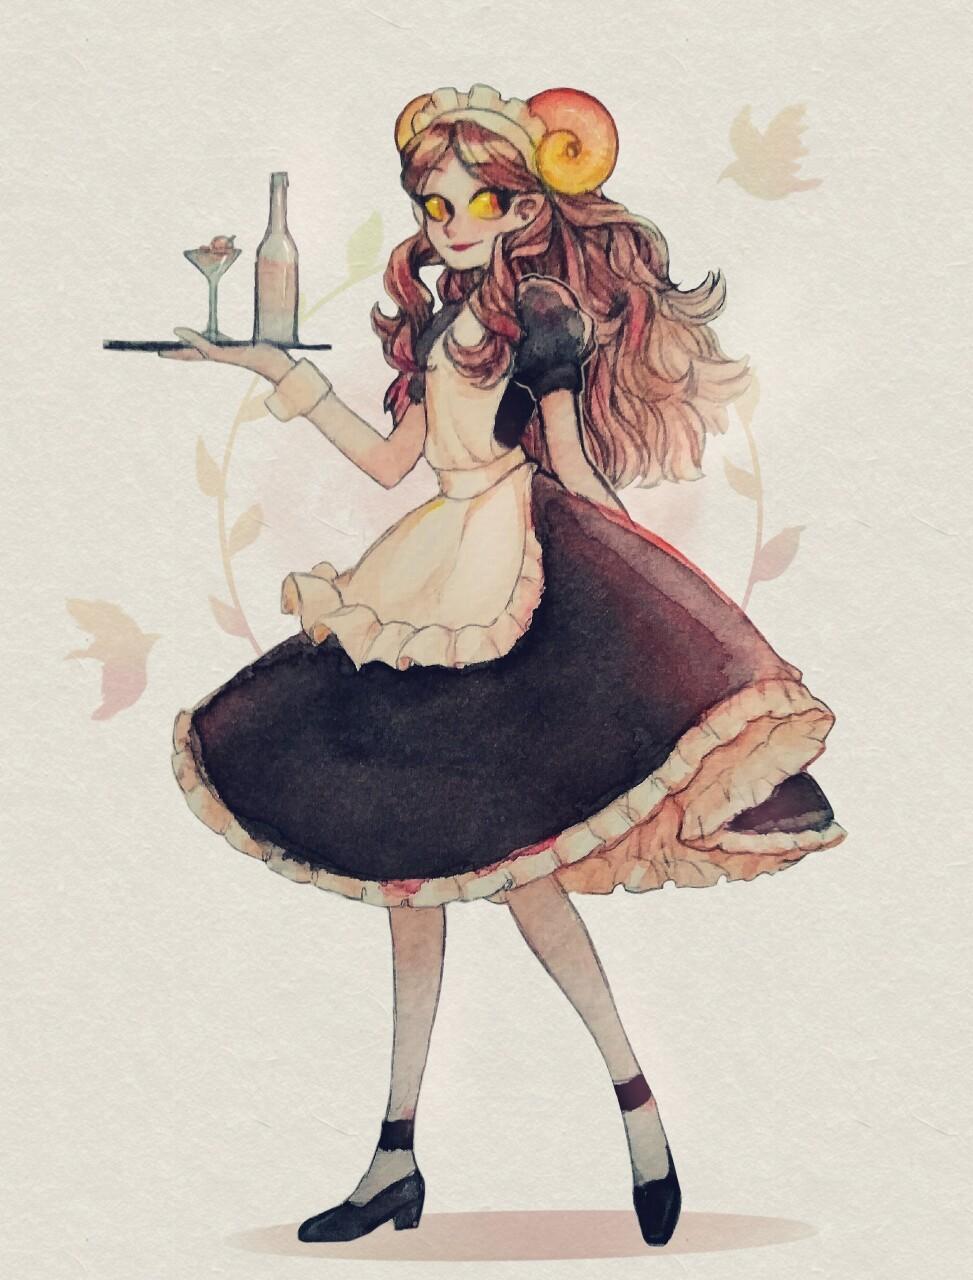 aaaaarth aradia_megido maid solo